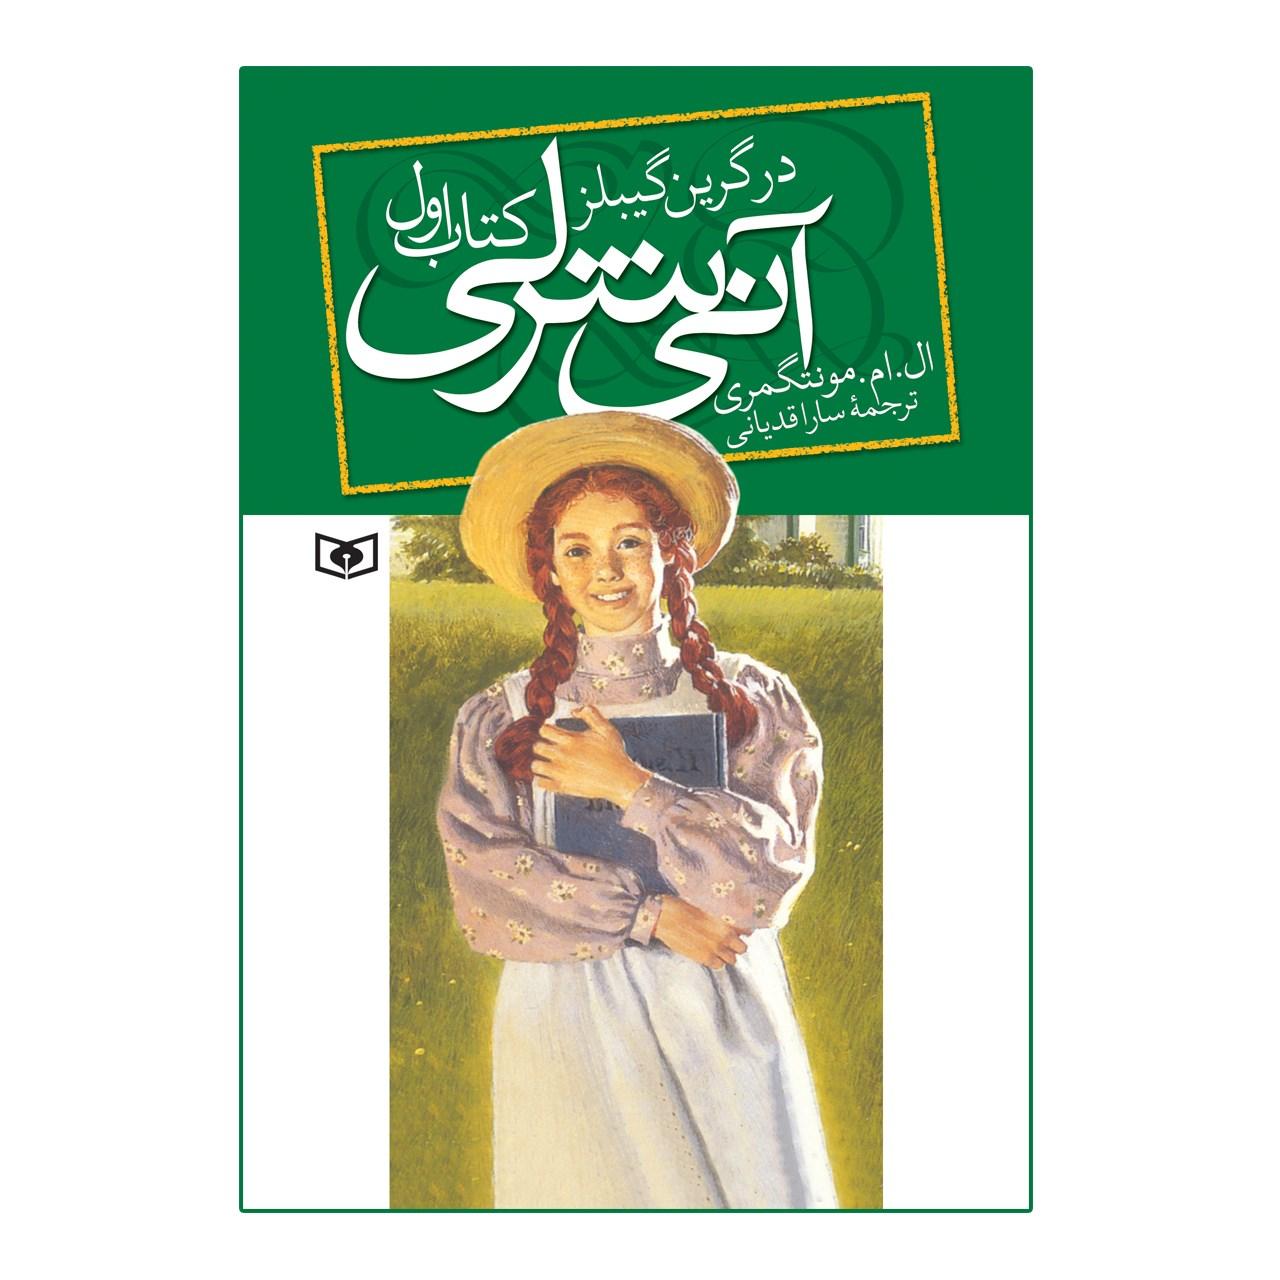 خرید                      کتاب آنی شرلی در گرین گیبلز اثر ال.ام.مونتگمری کتاب اول